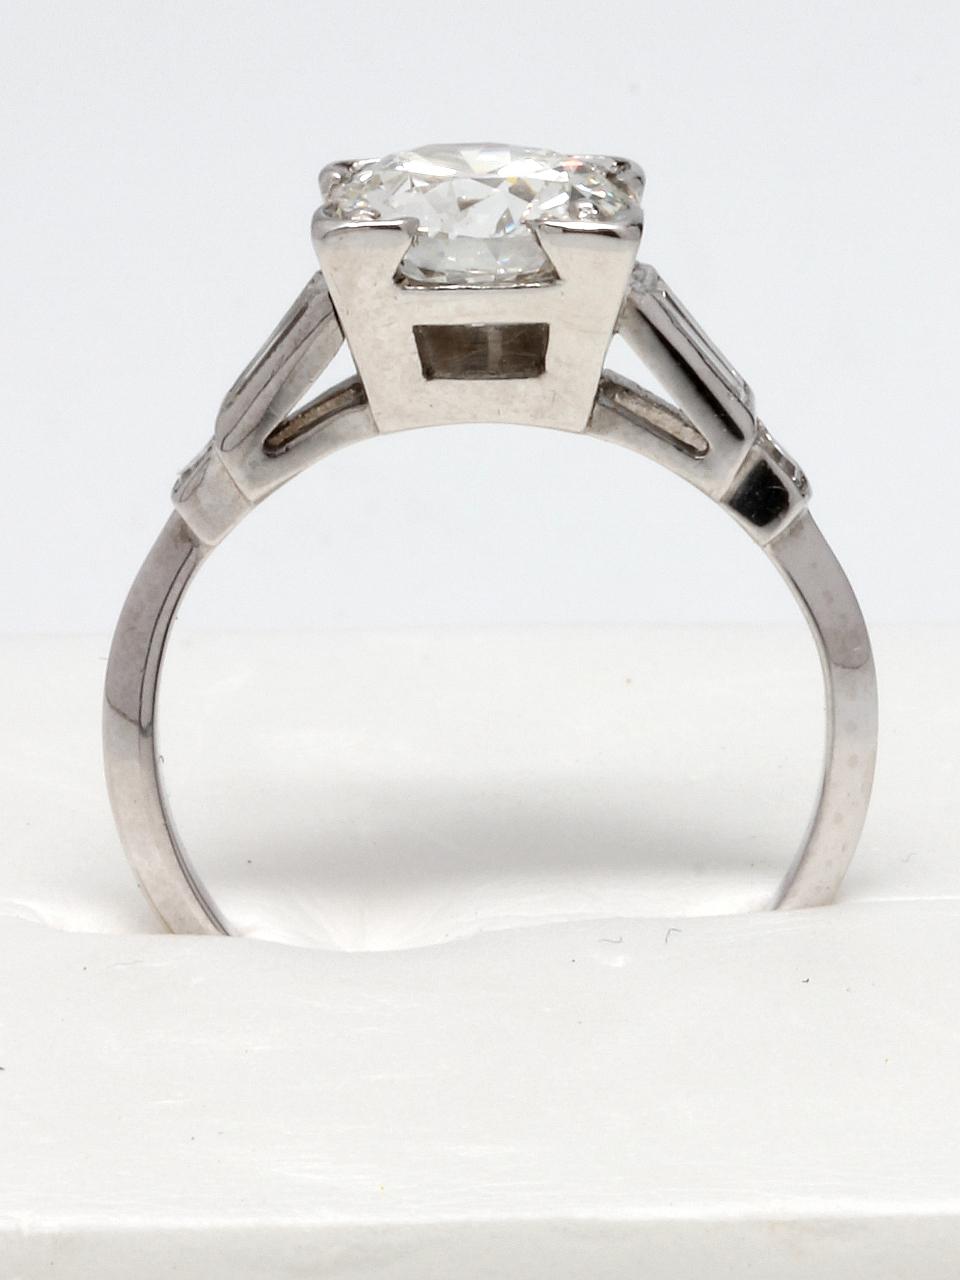 Vintage Engagement Ring Platinum 1.29ct OEC H-VS1 circa 1930s